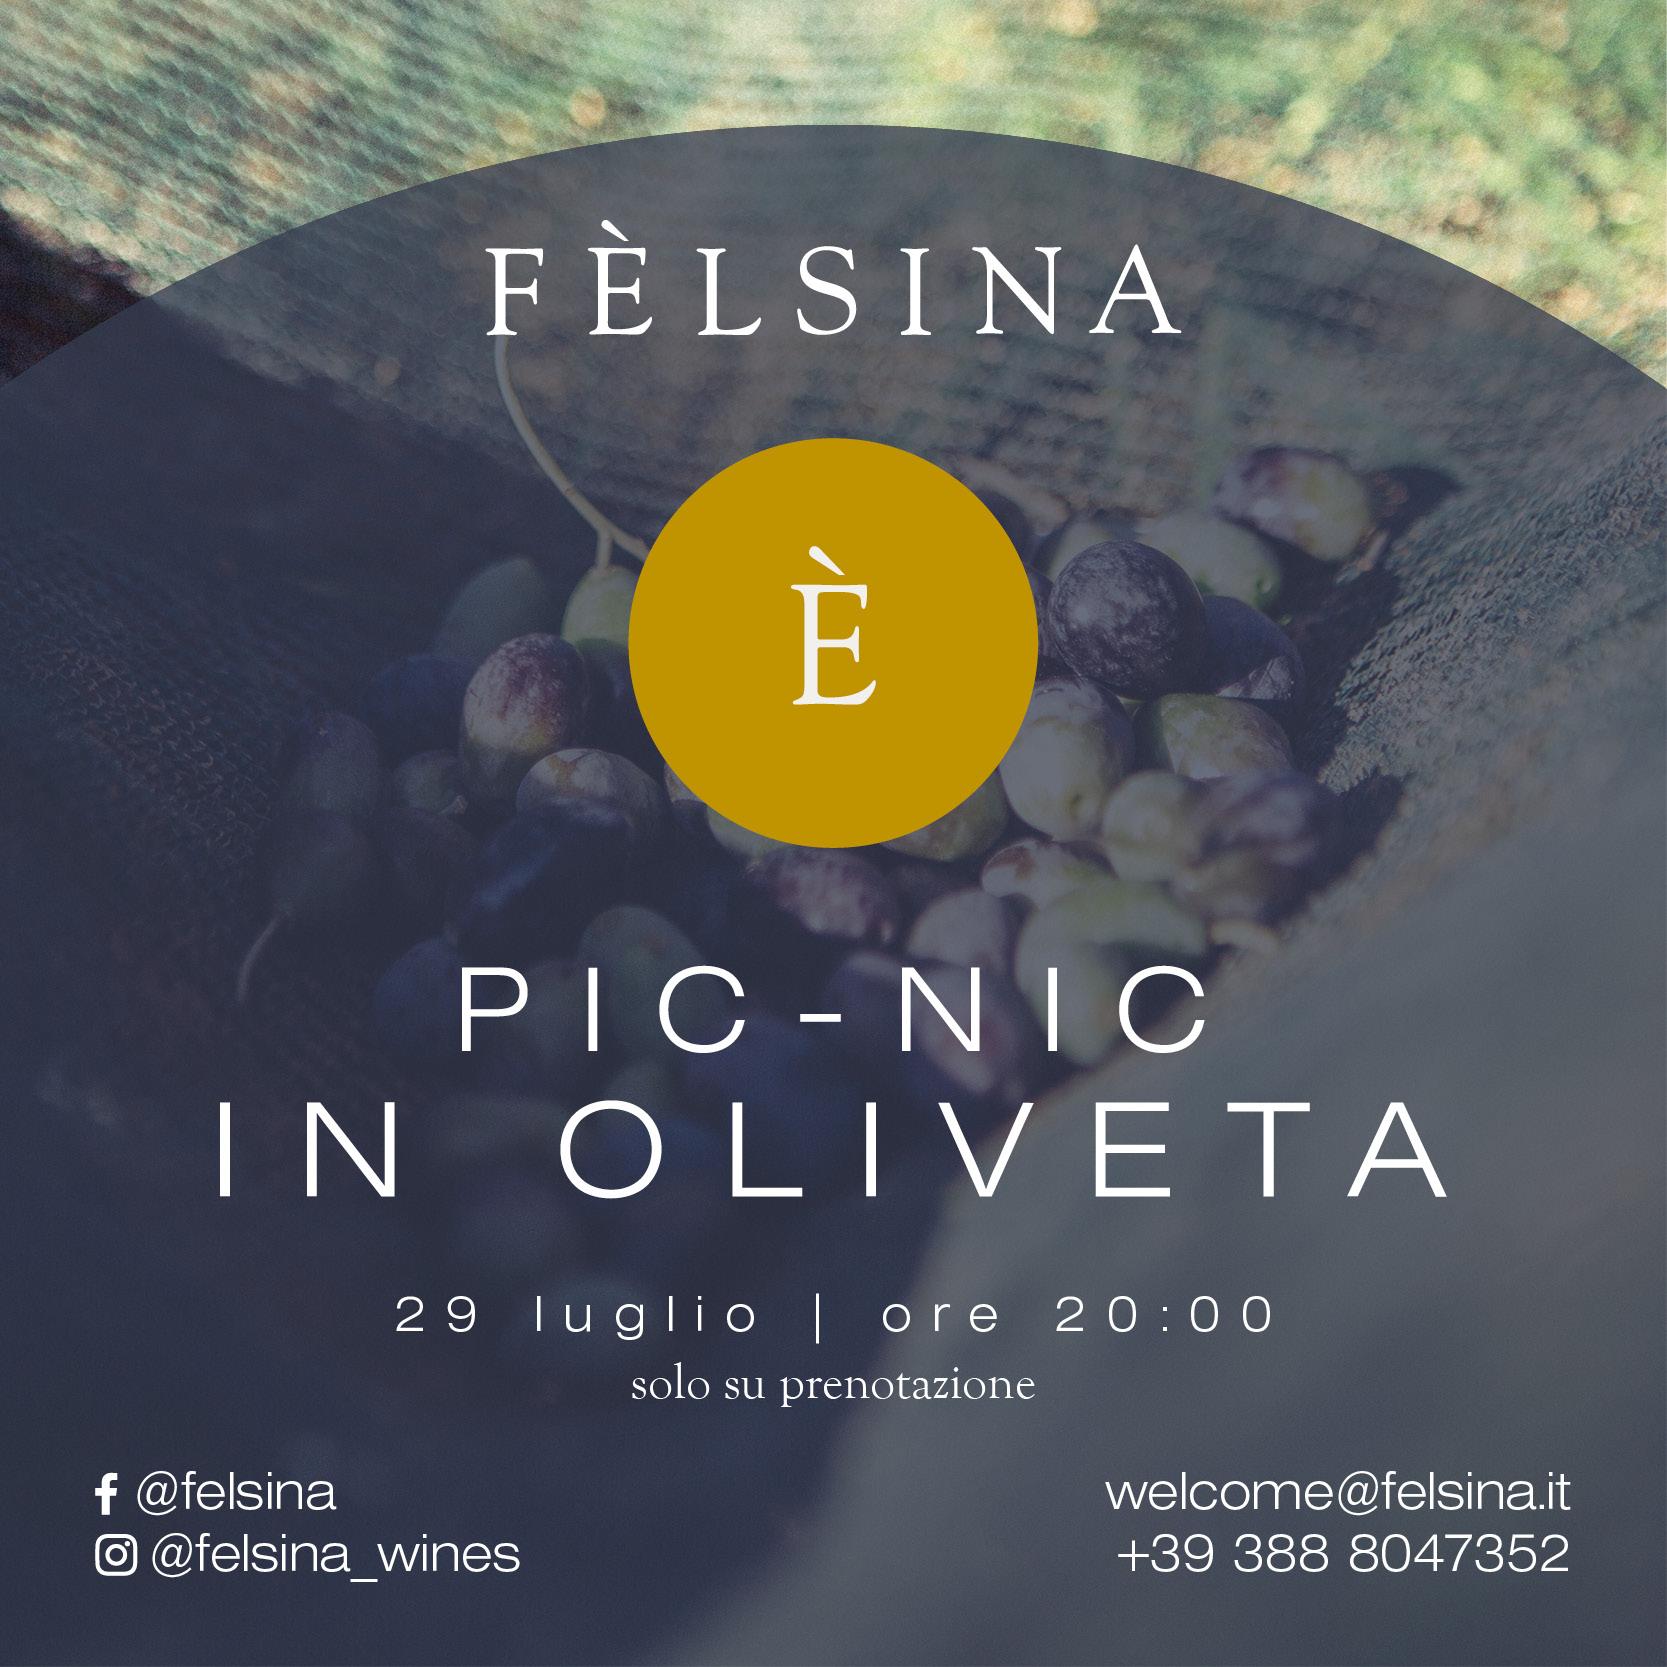 felsina_pic-nic-eventi-2021-29-luglio_